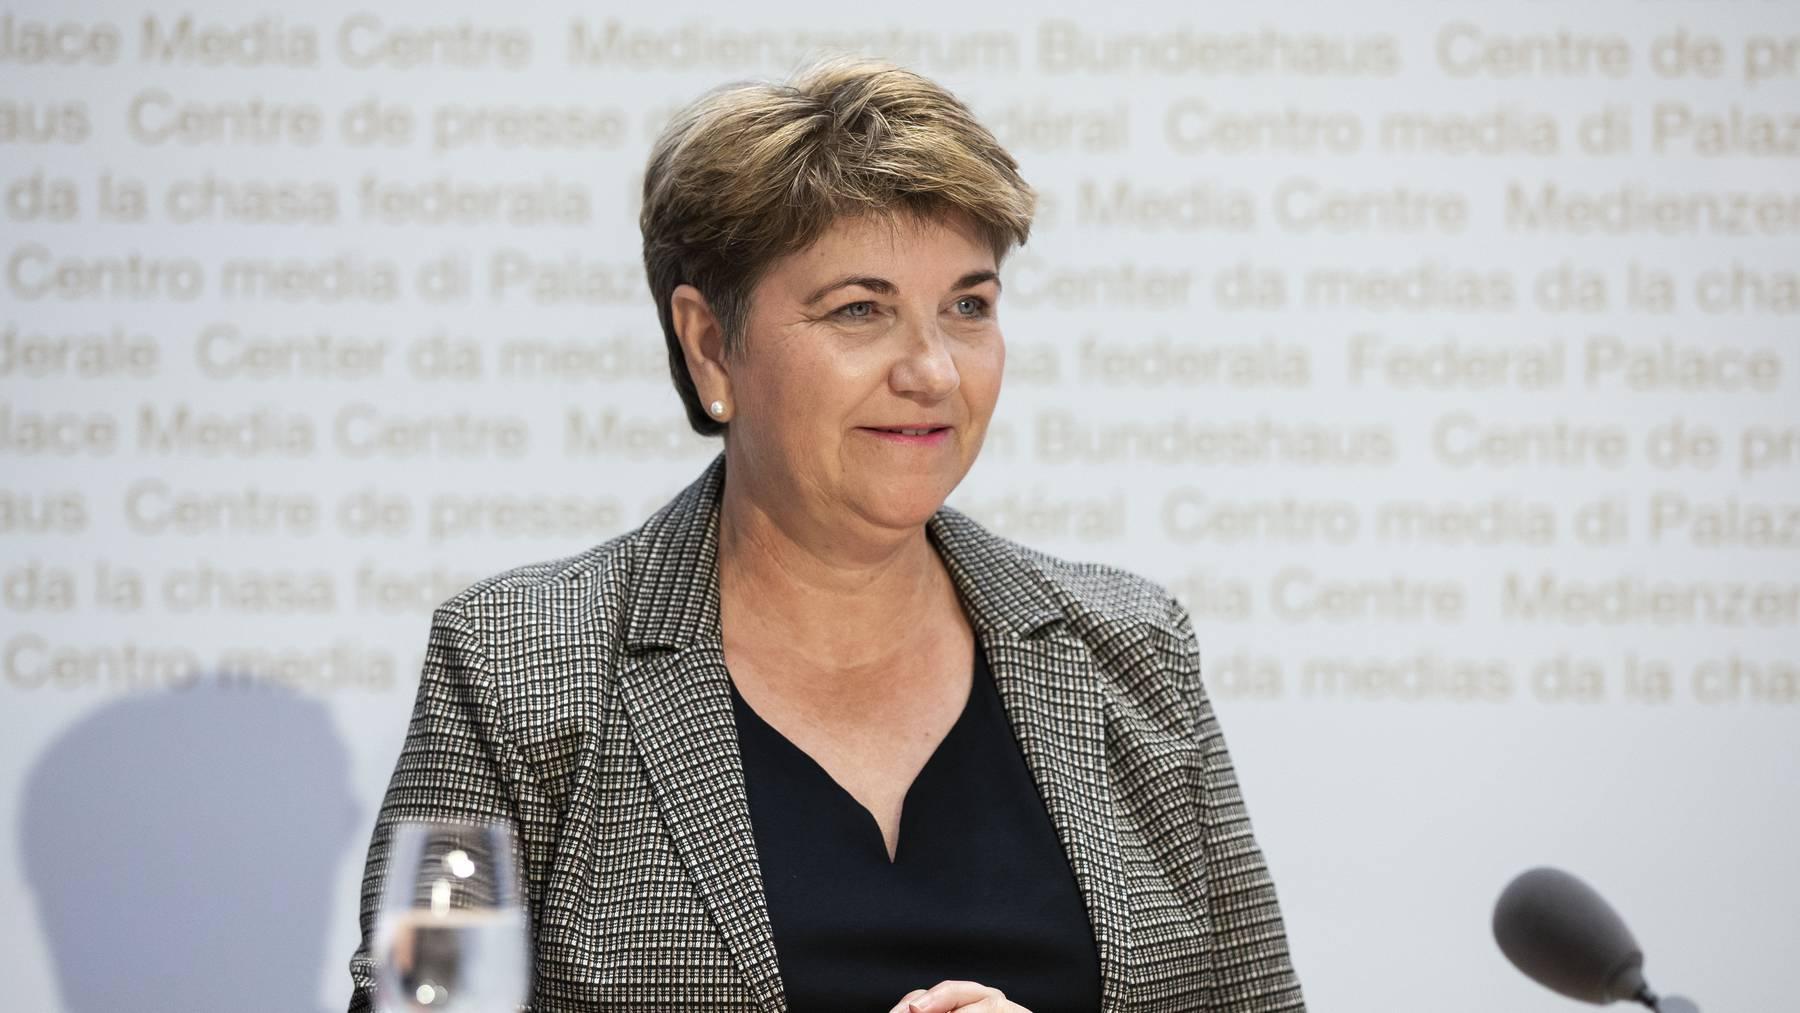 Stand am Ende als Siegerin da: Verteidigungsministerin Viola Amherd. (Symbolbild)